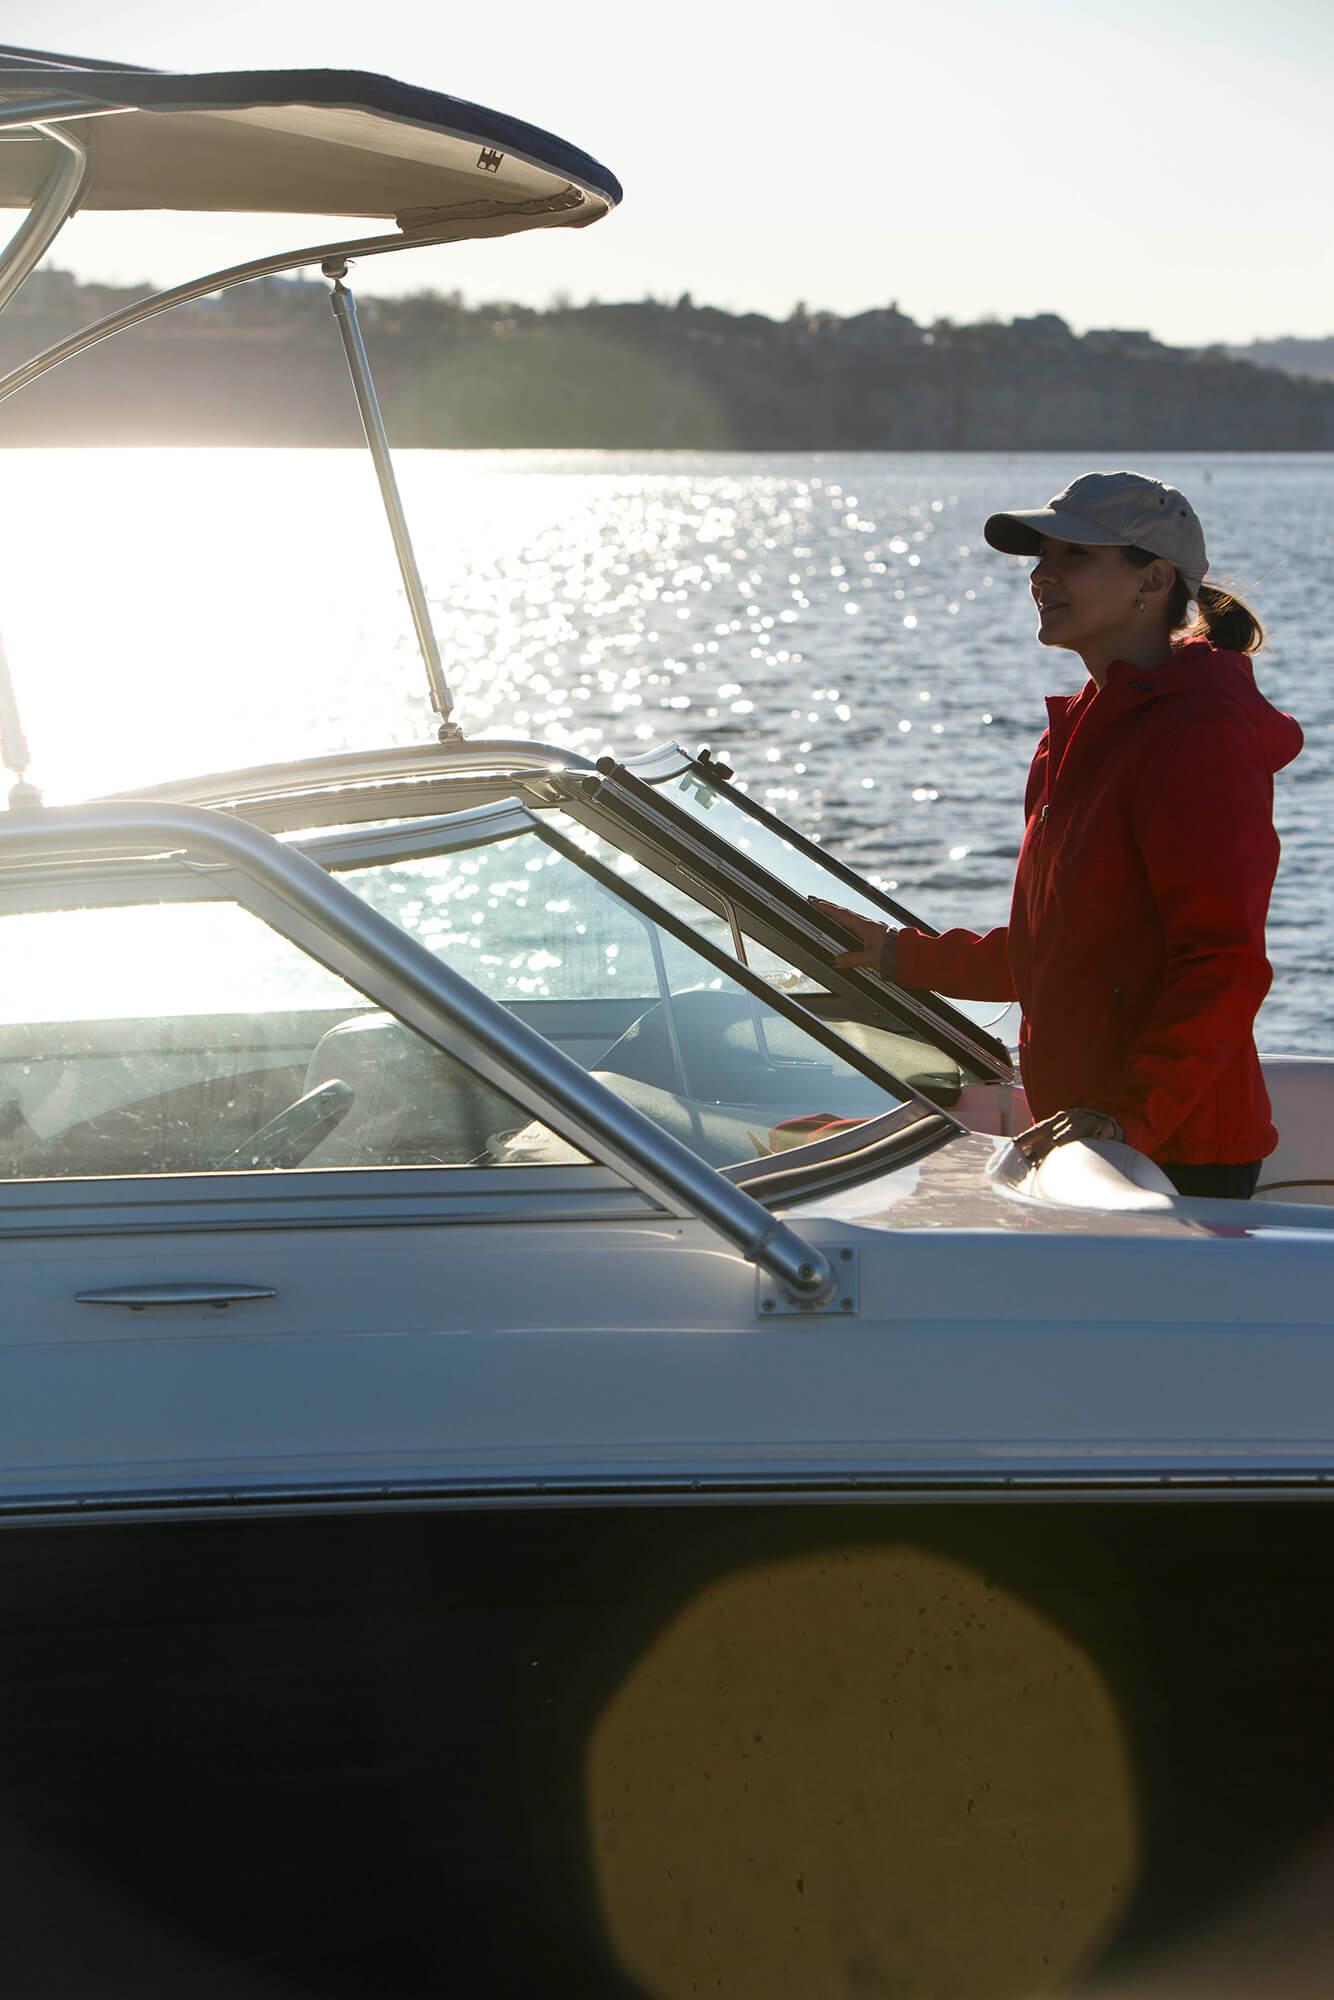 带有由海蓝色 Sunbrella Supreme 织物制成的遮阳蓬的汽艇前方,女人在汽艇船首。